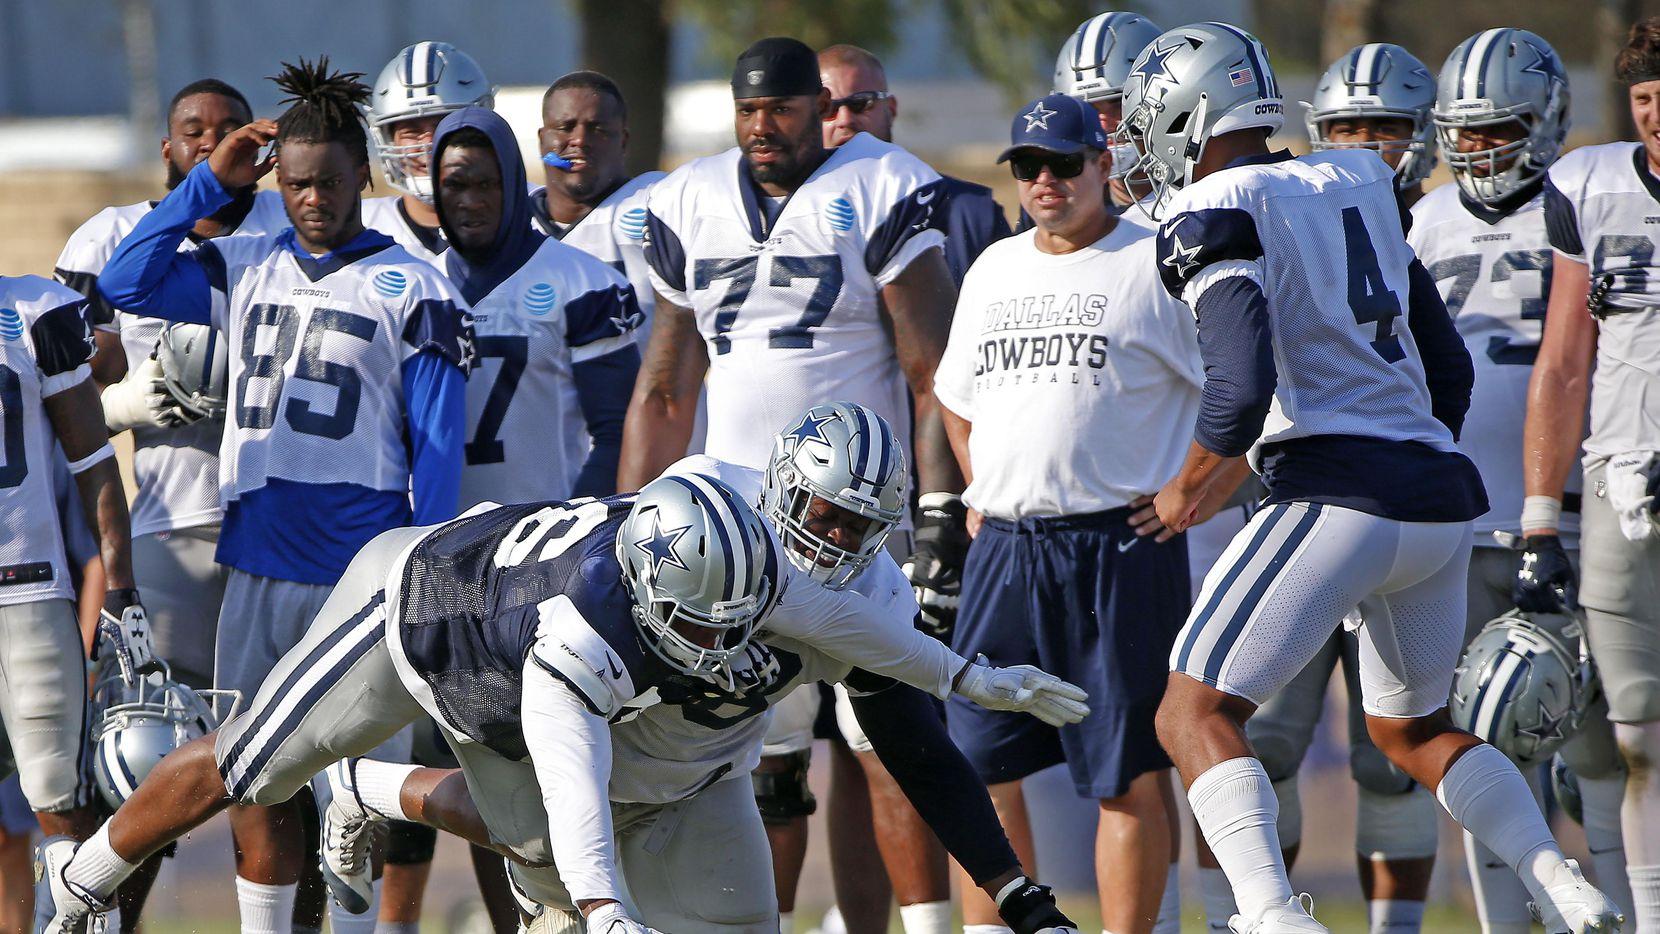 El guardia Kadeem Edwards (78) y otros jugadores de la reserva podrían ver acción el domingo con los Cowboys. (DMN/Jae S. Lee)